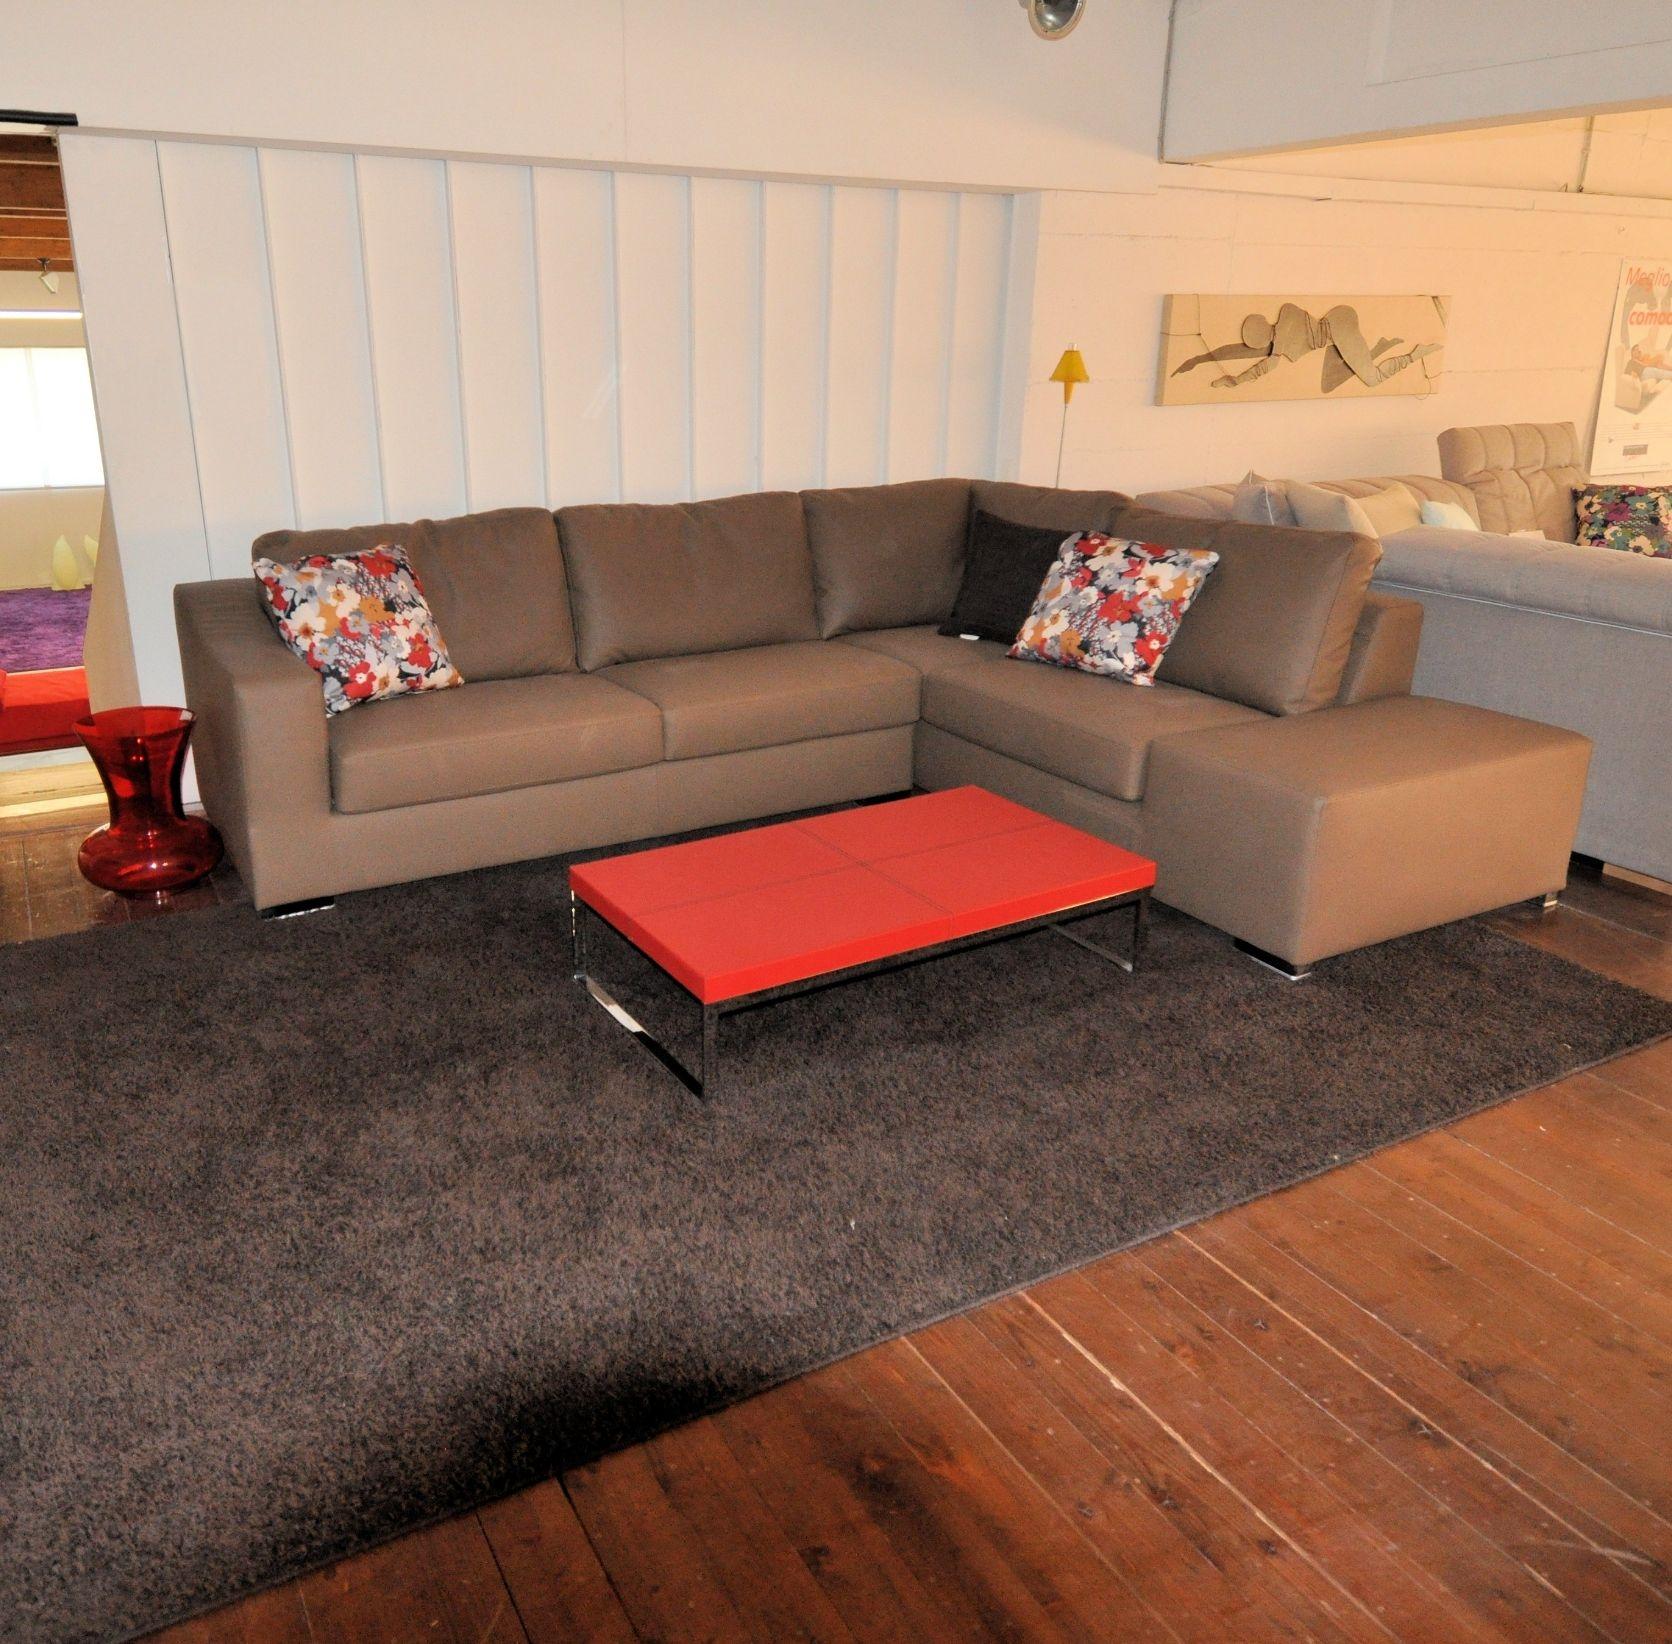 Divano colombini eco divano angolare divani a prezzi - Divano martin colombini ...